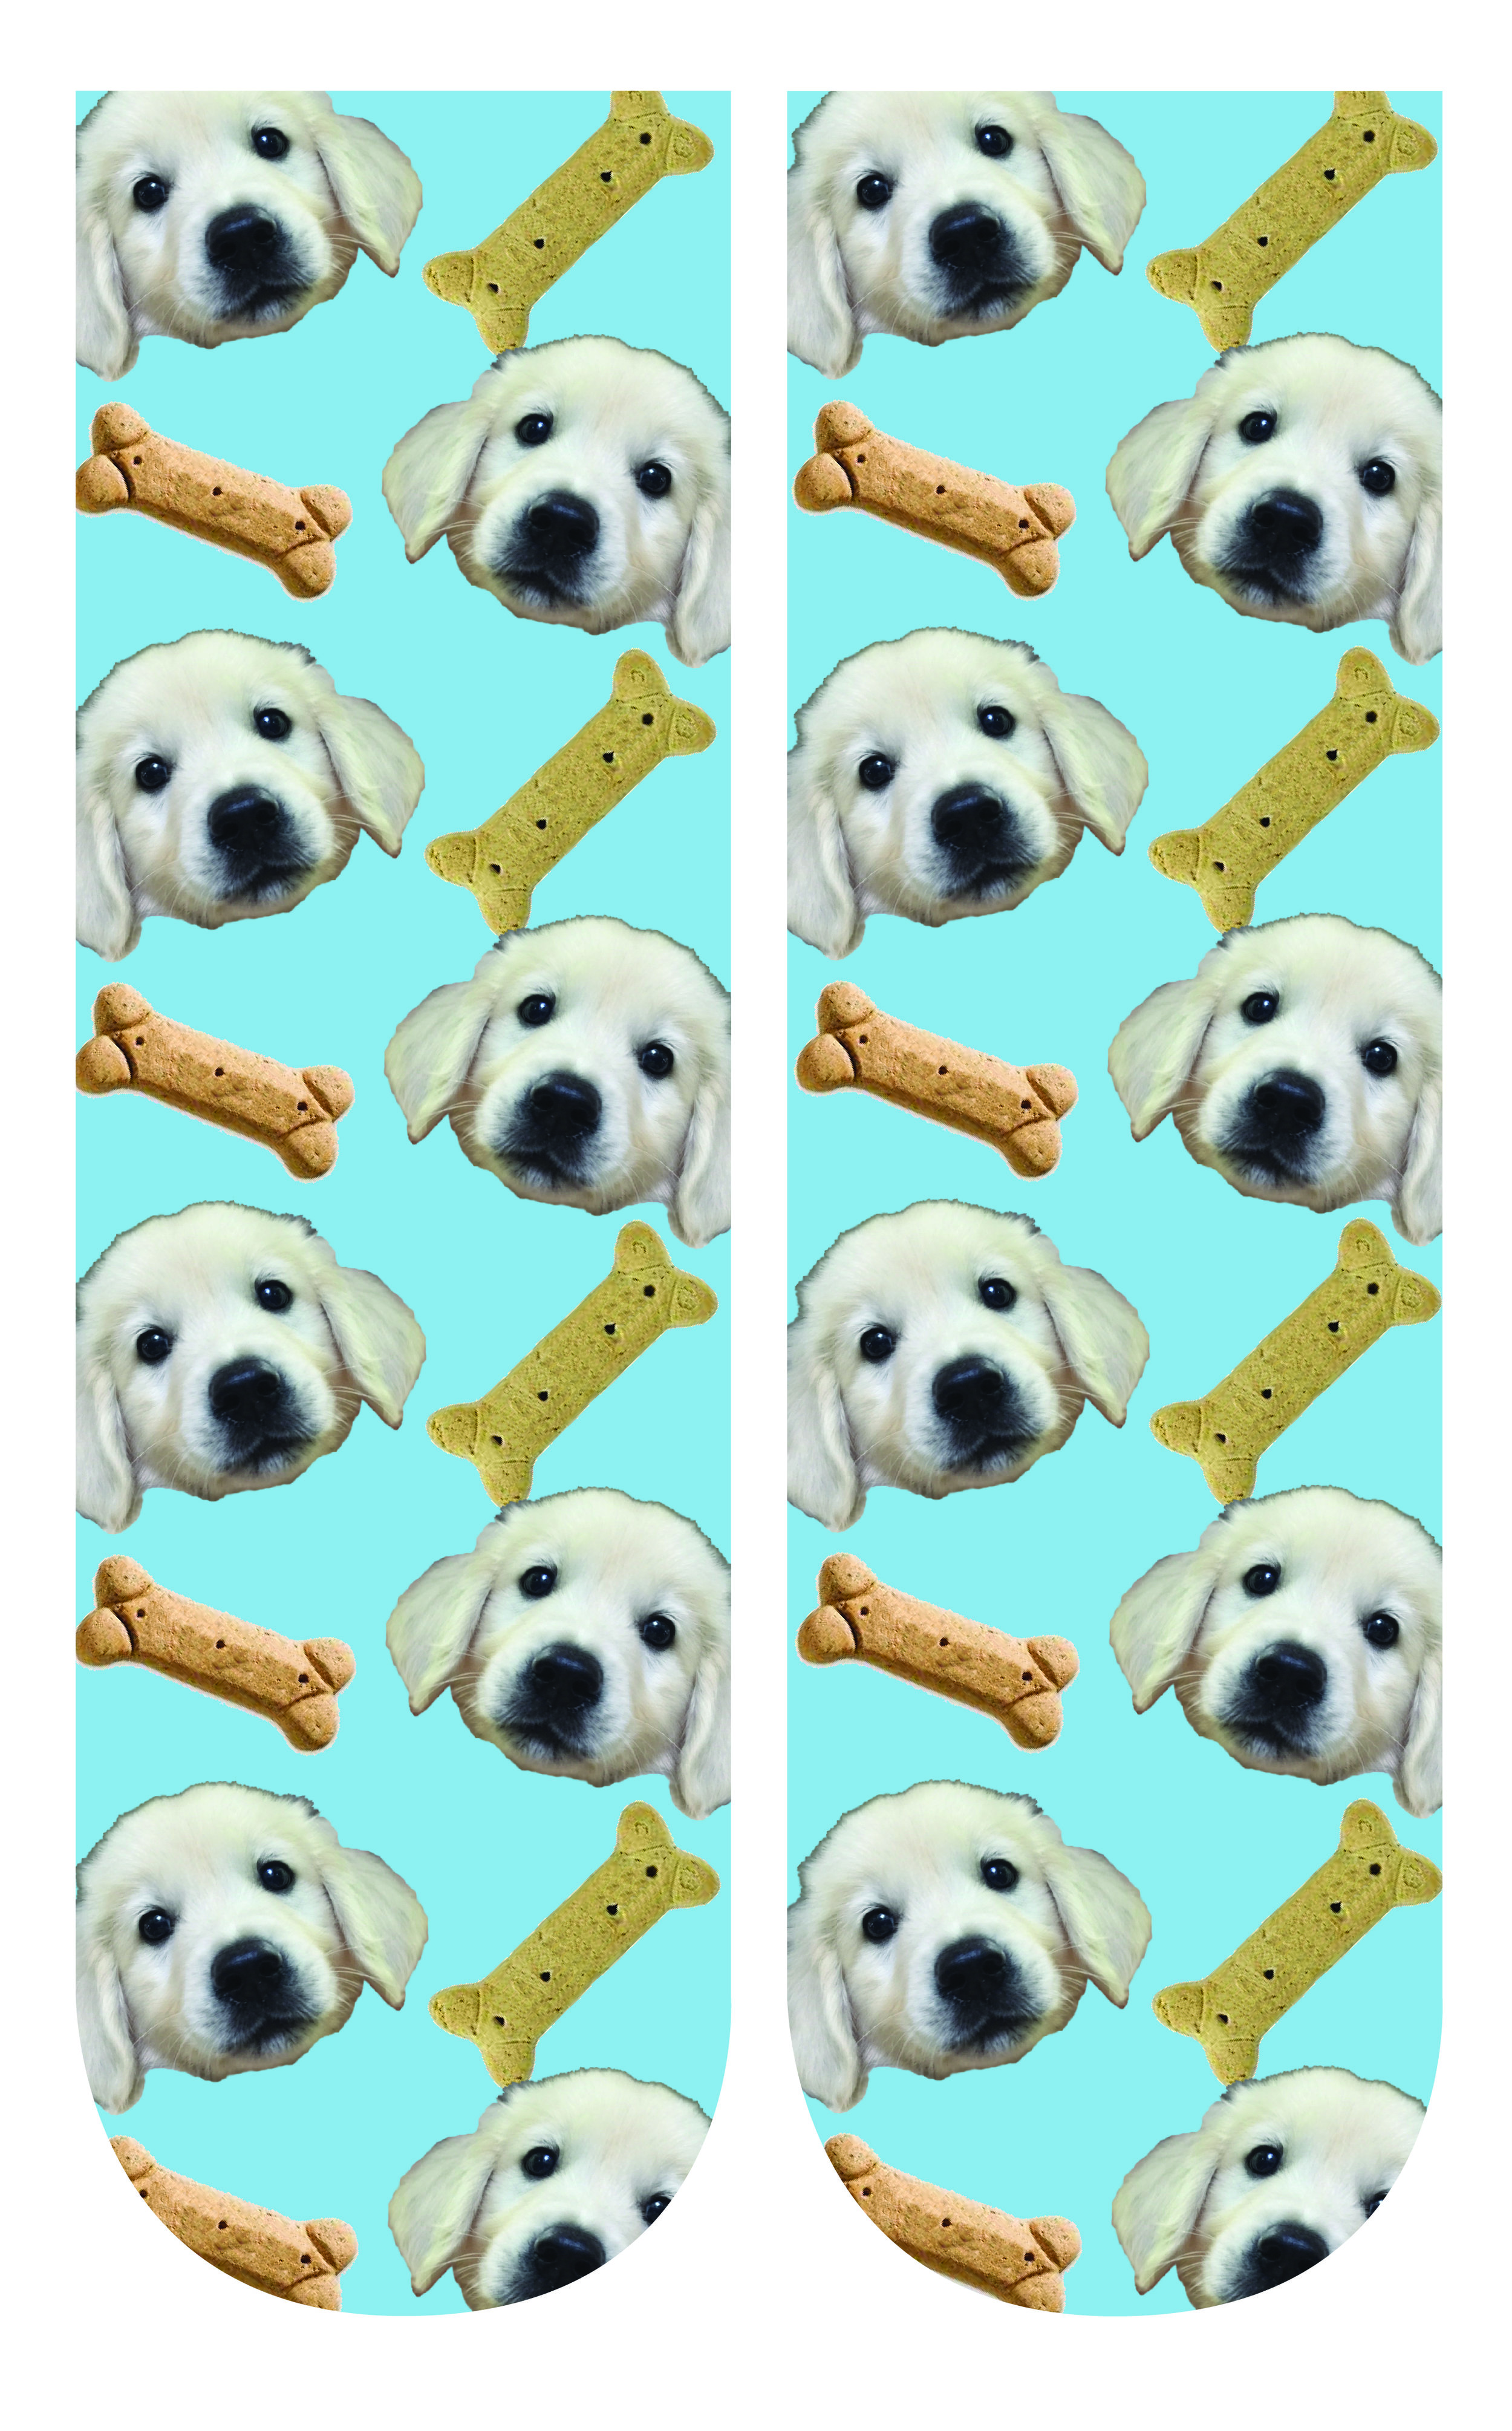 dogsocks.jpg